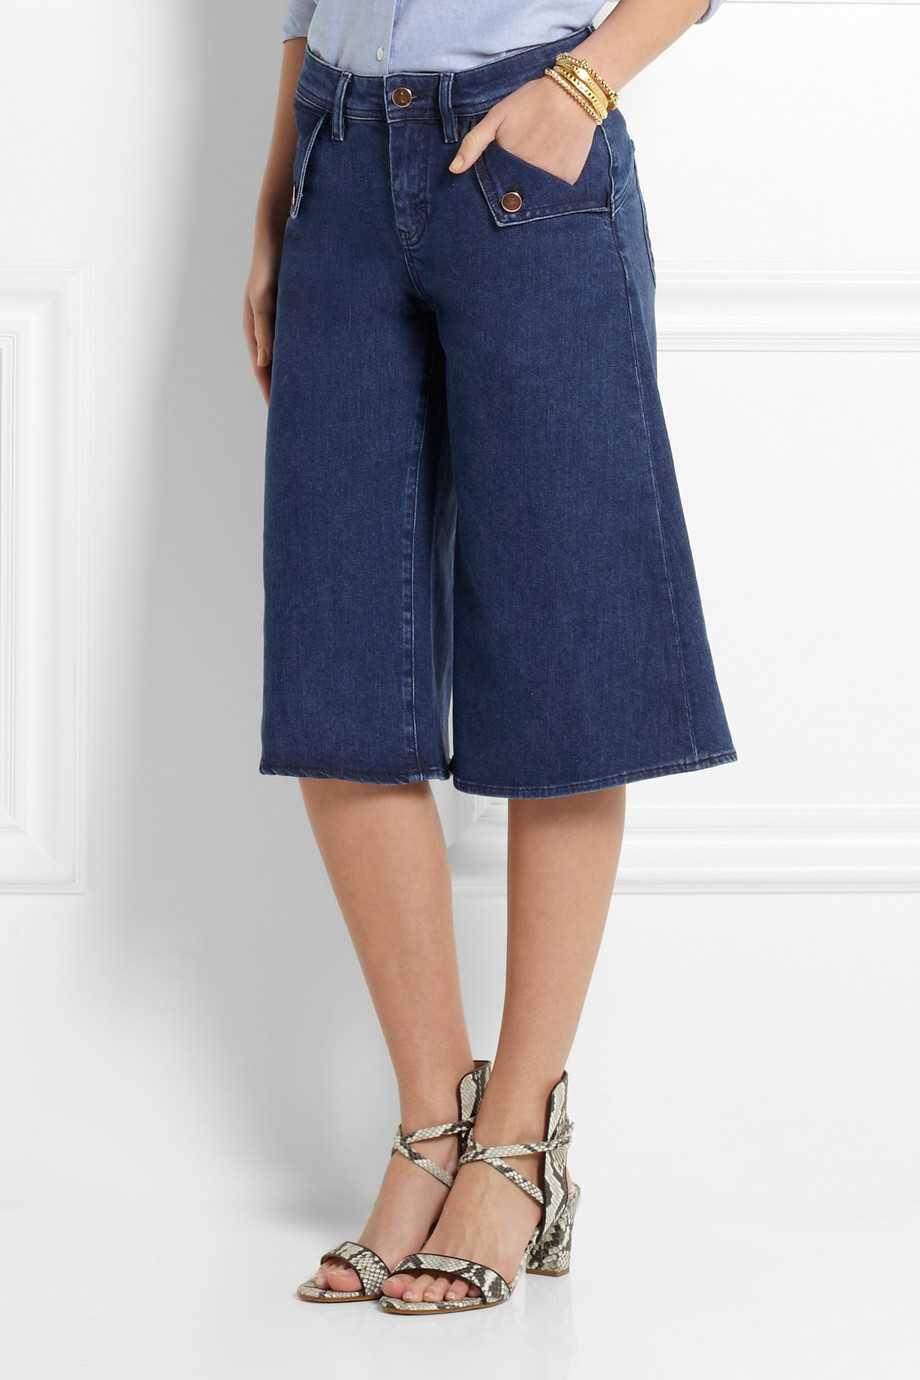 Mih Jeans - Bermuda(190 €)